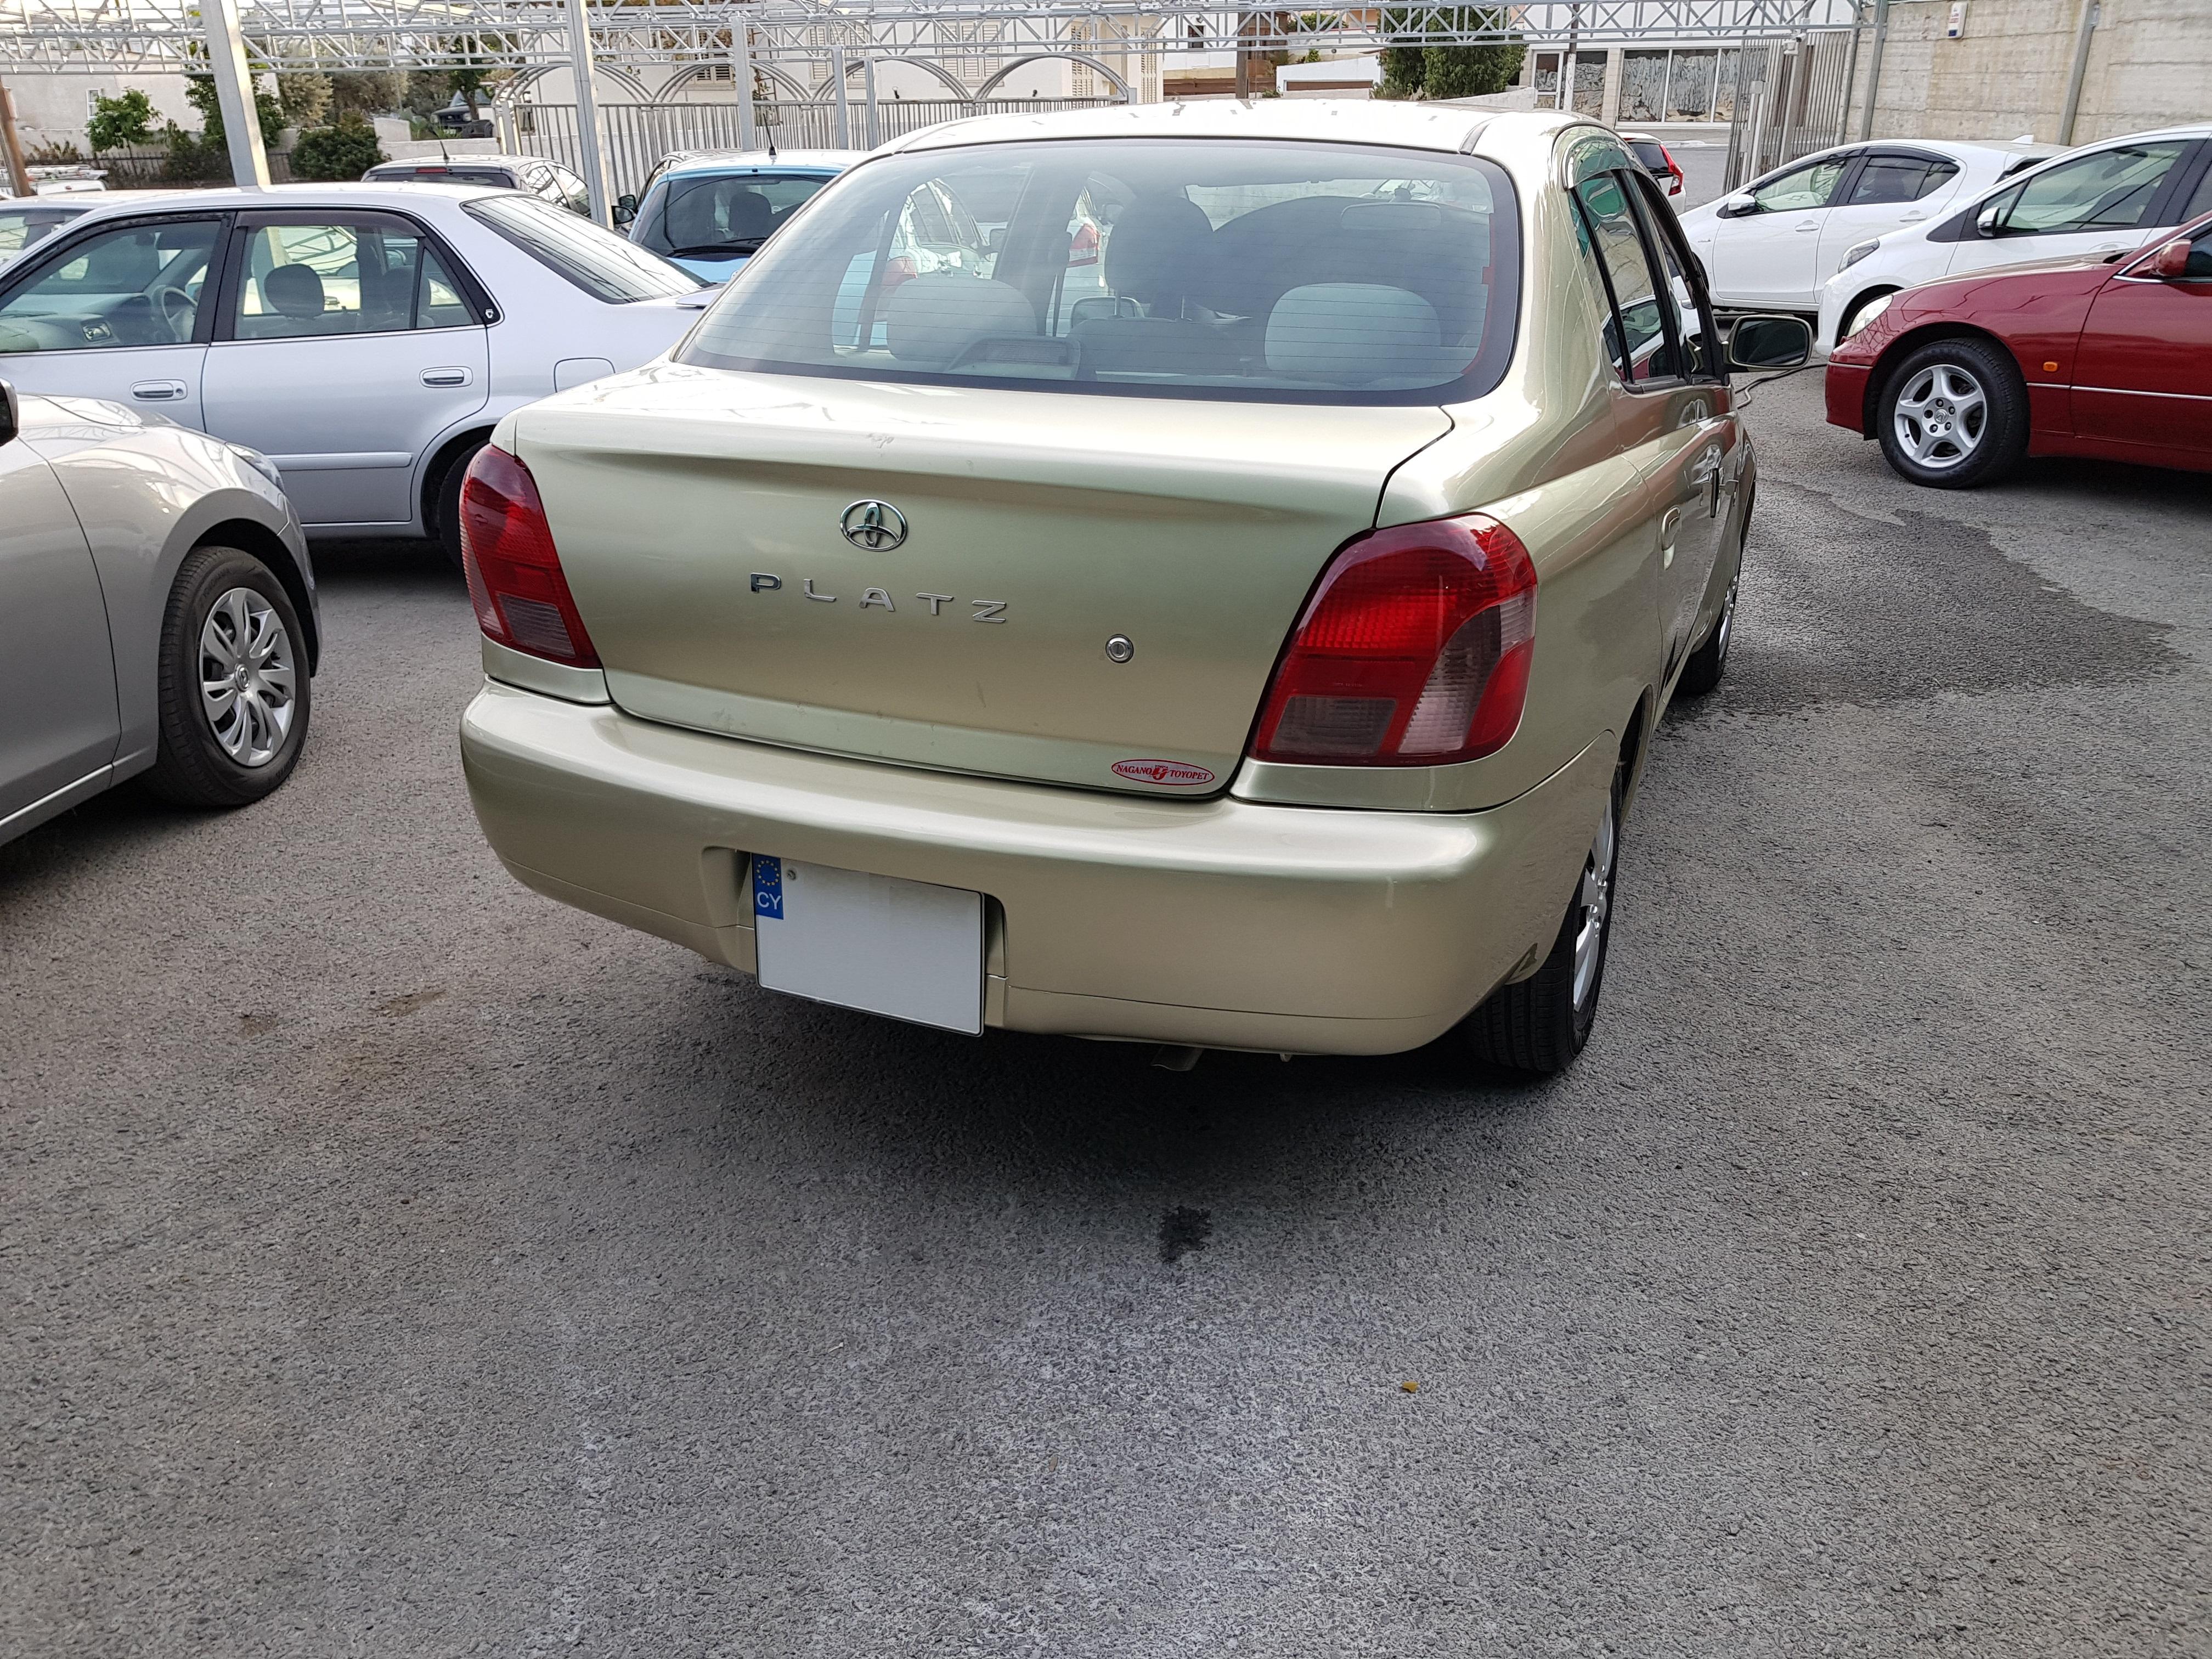 Toyota Platz Champagne Gold 02